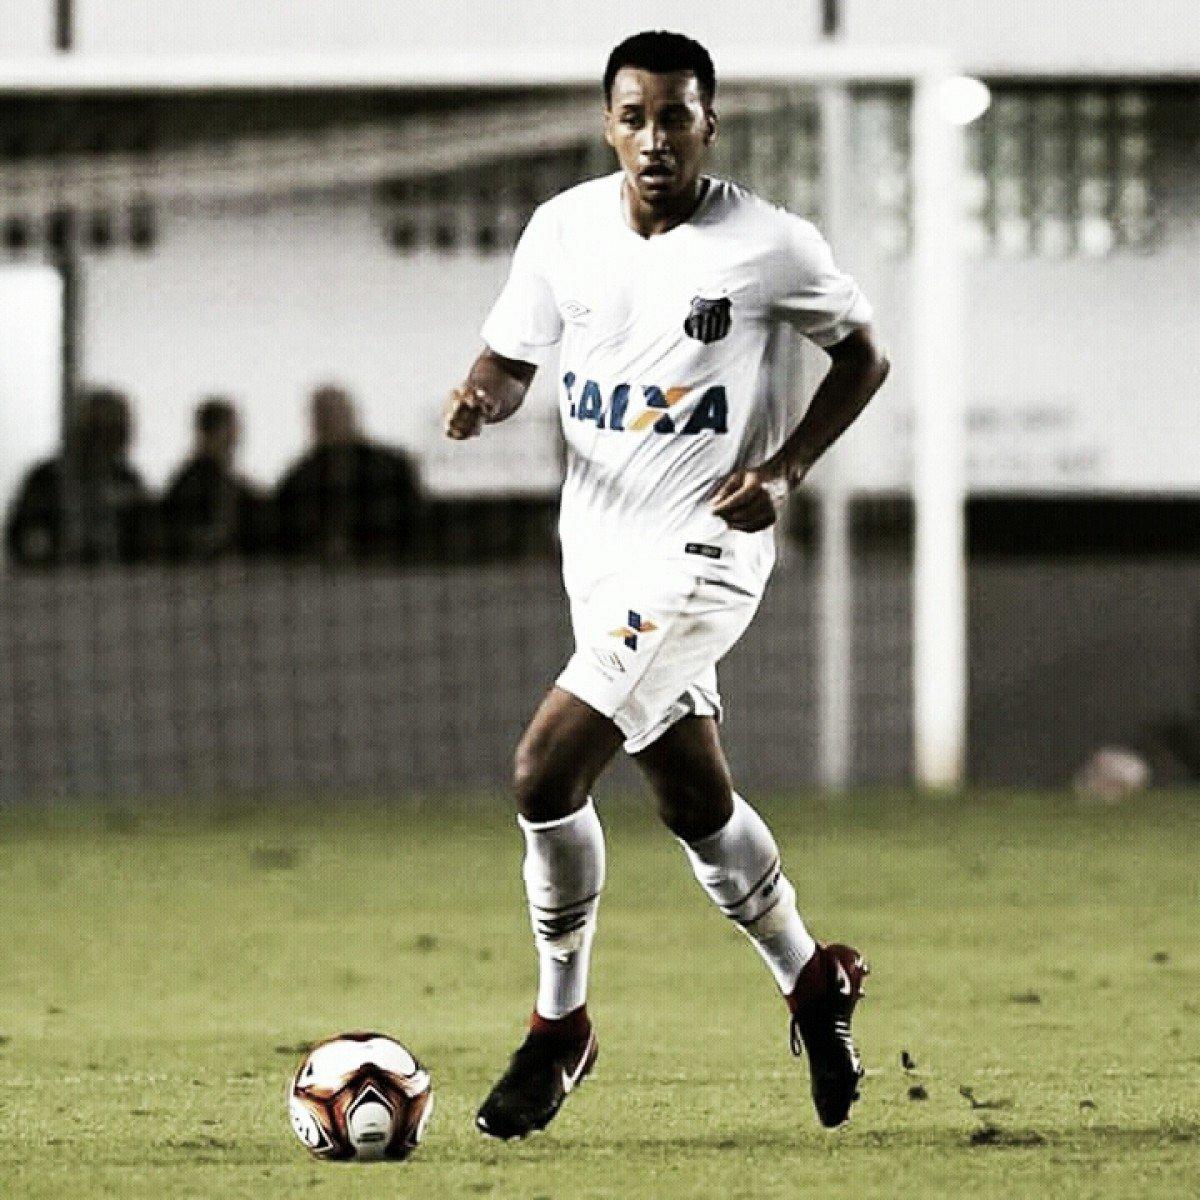 Comissão técnica do Santos chama Juliano do sub-23 para partida contra o Vasco